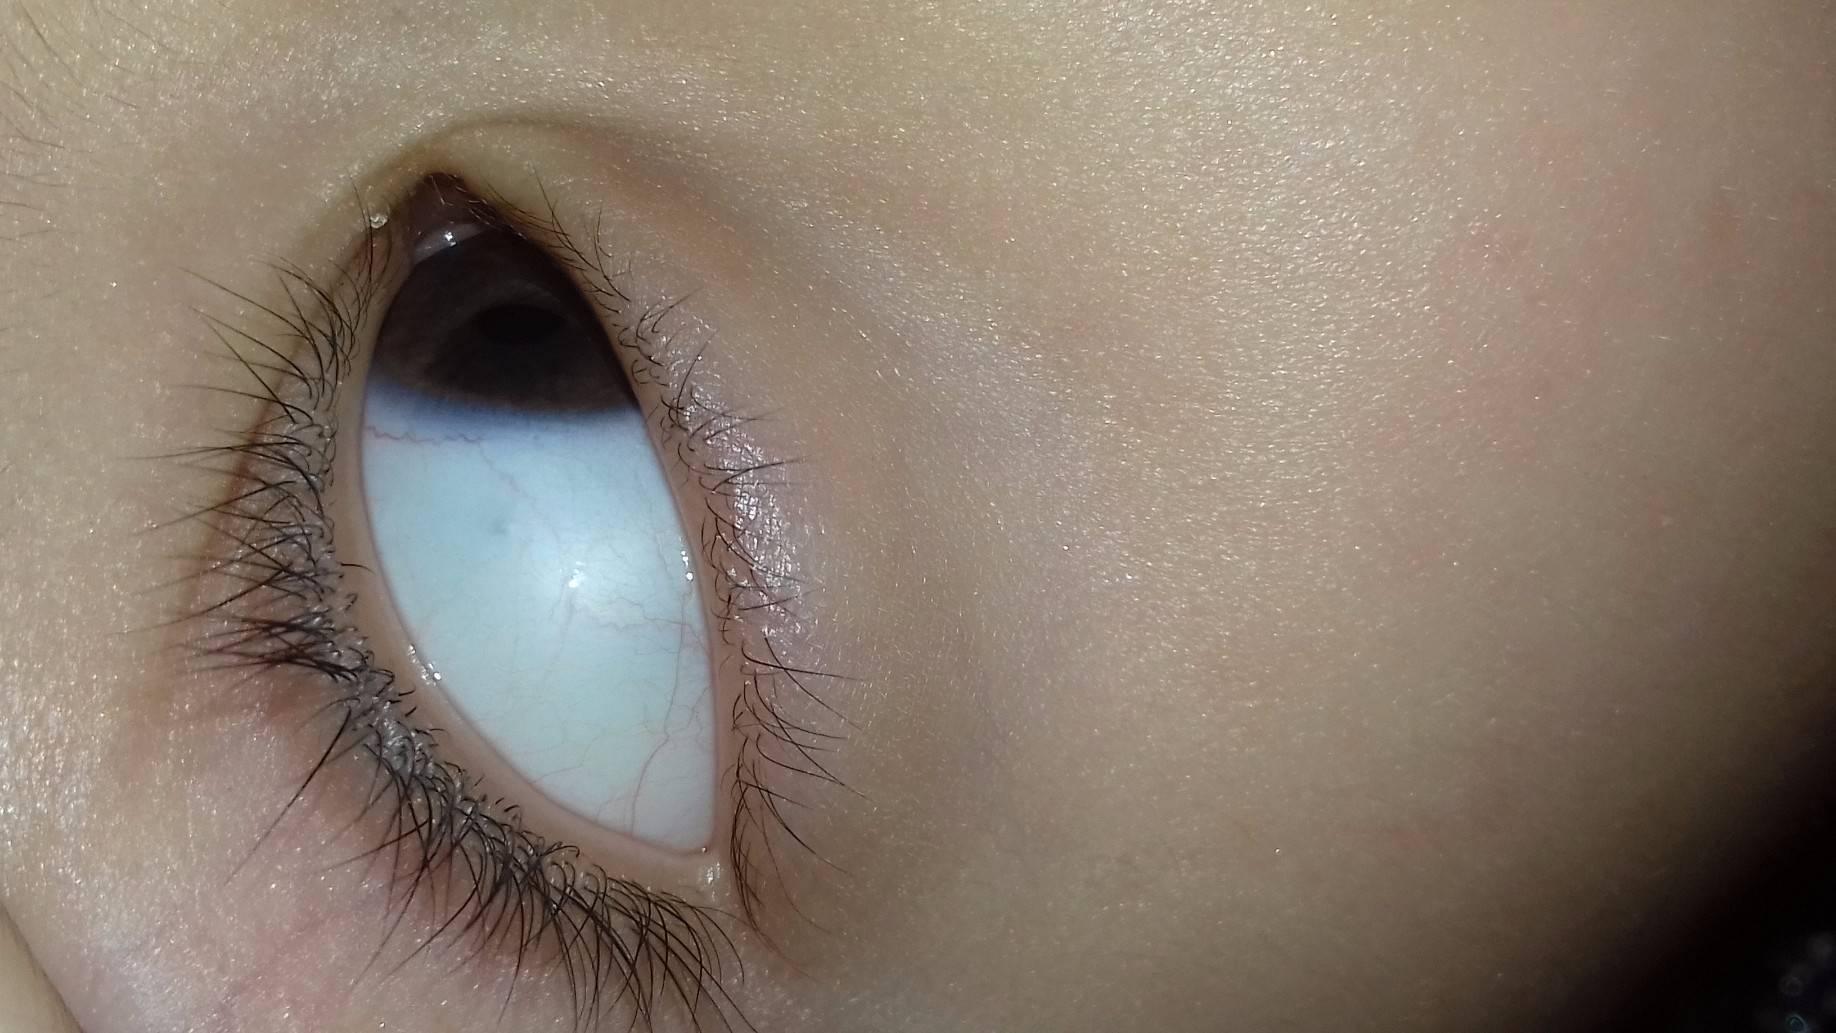 на белке глаза пятнышко